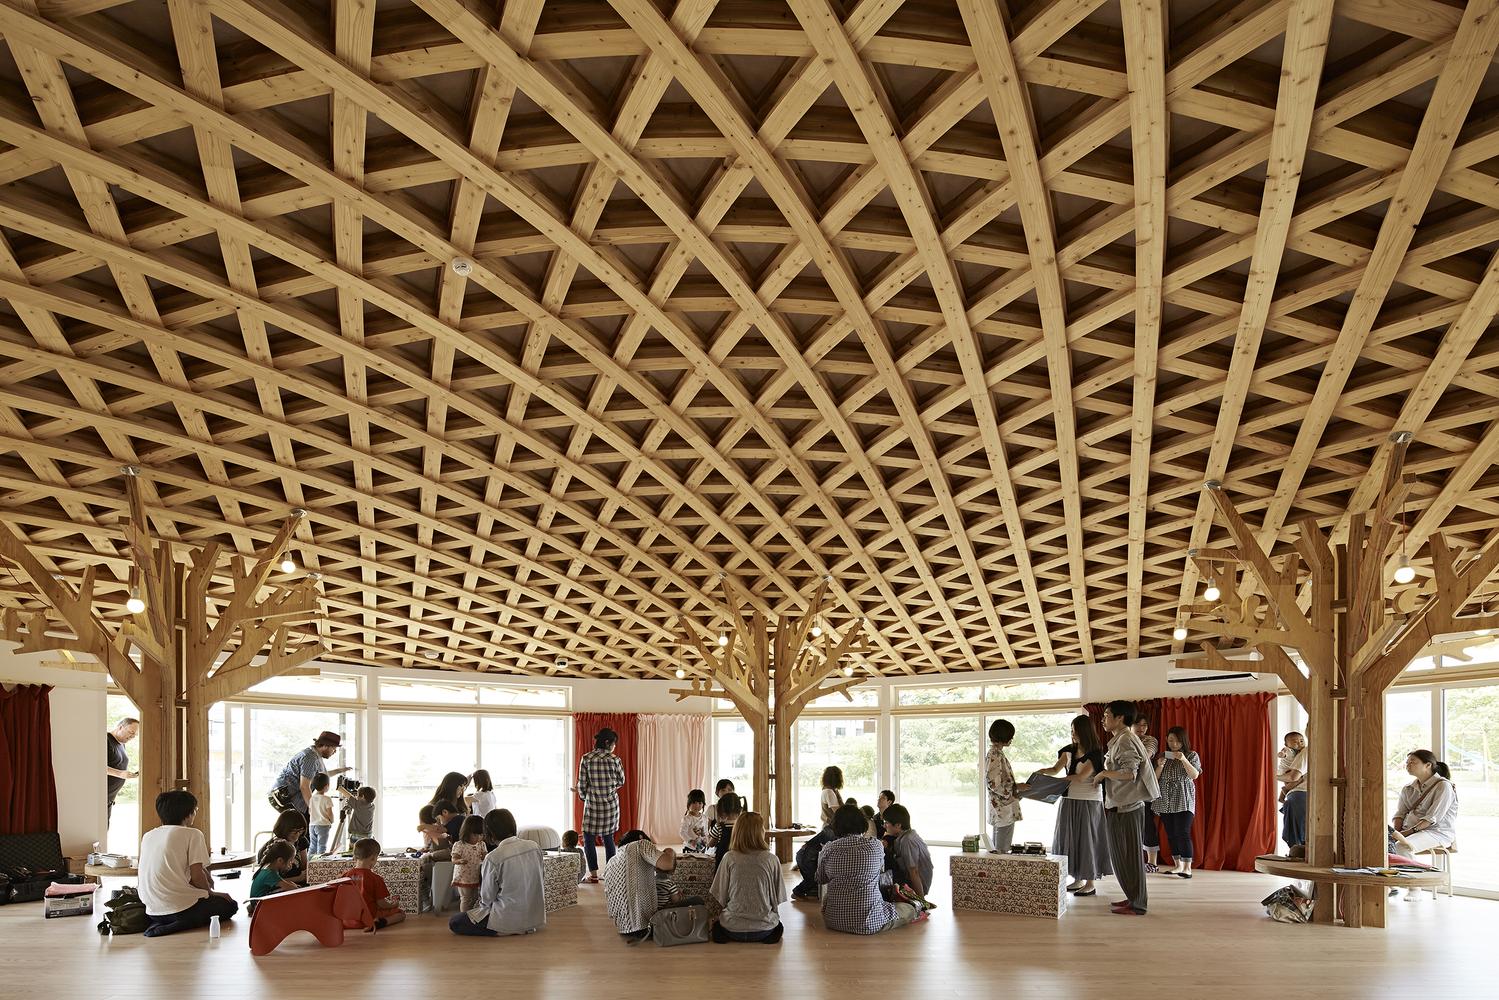 HOME-FOR-ALL ศูนย์ชุมชนที่พักพิงชั่วคราวจากภัยพิบัติในจังหวัดฟุกุชิมะ